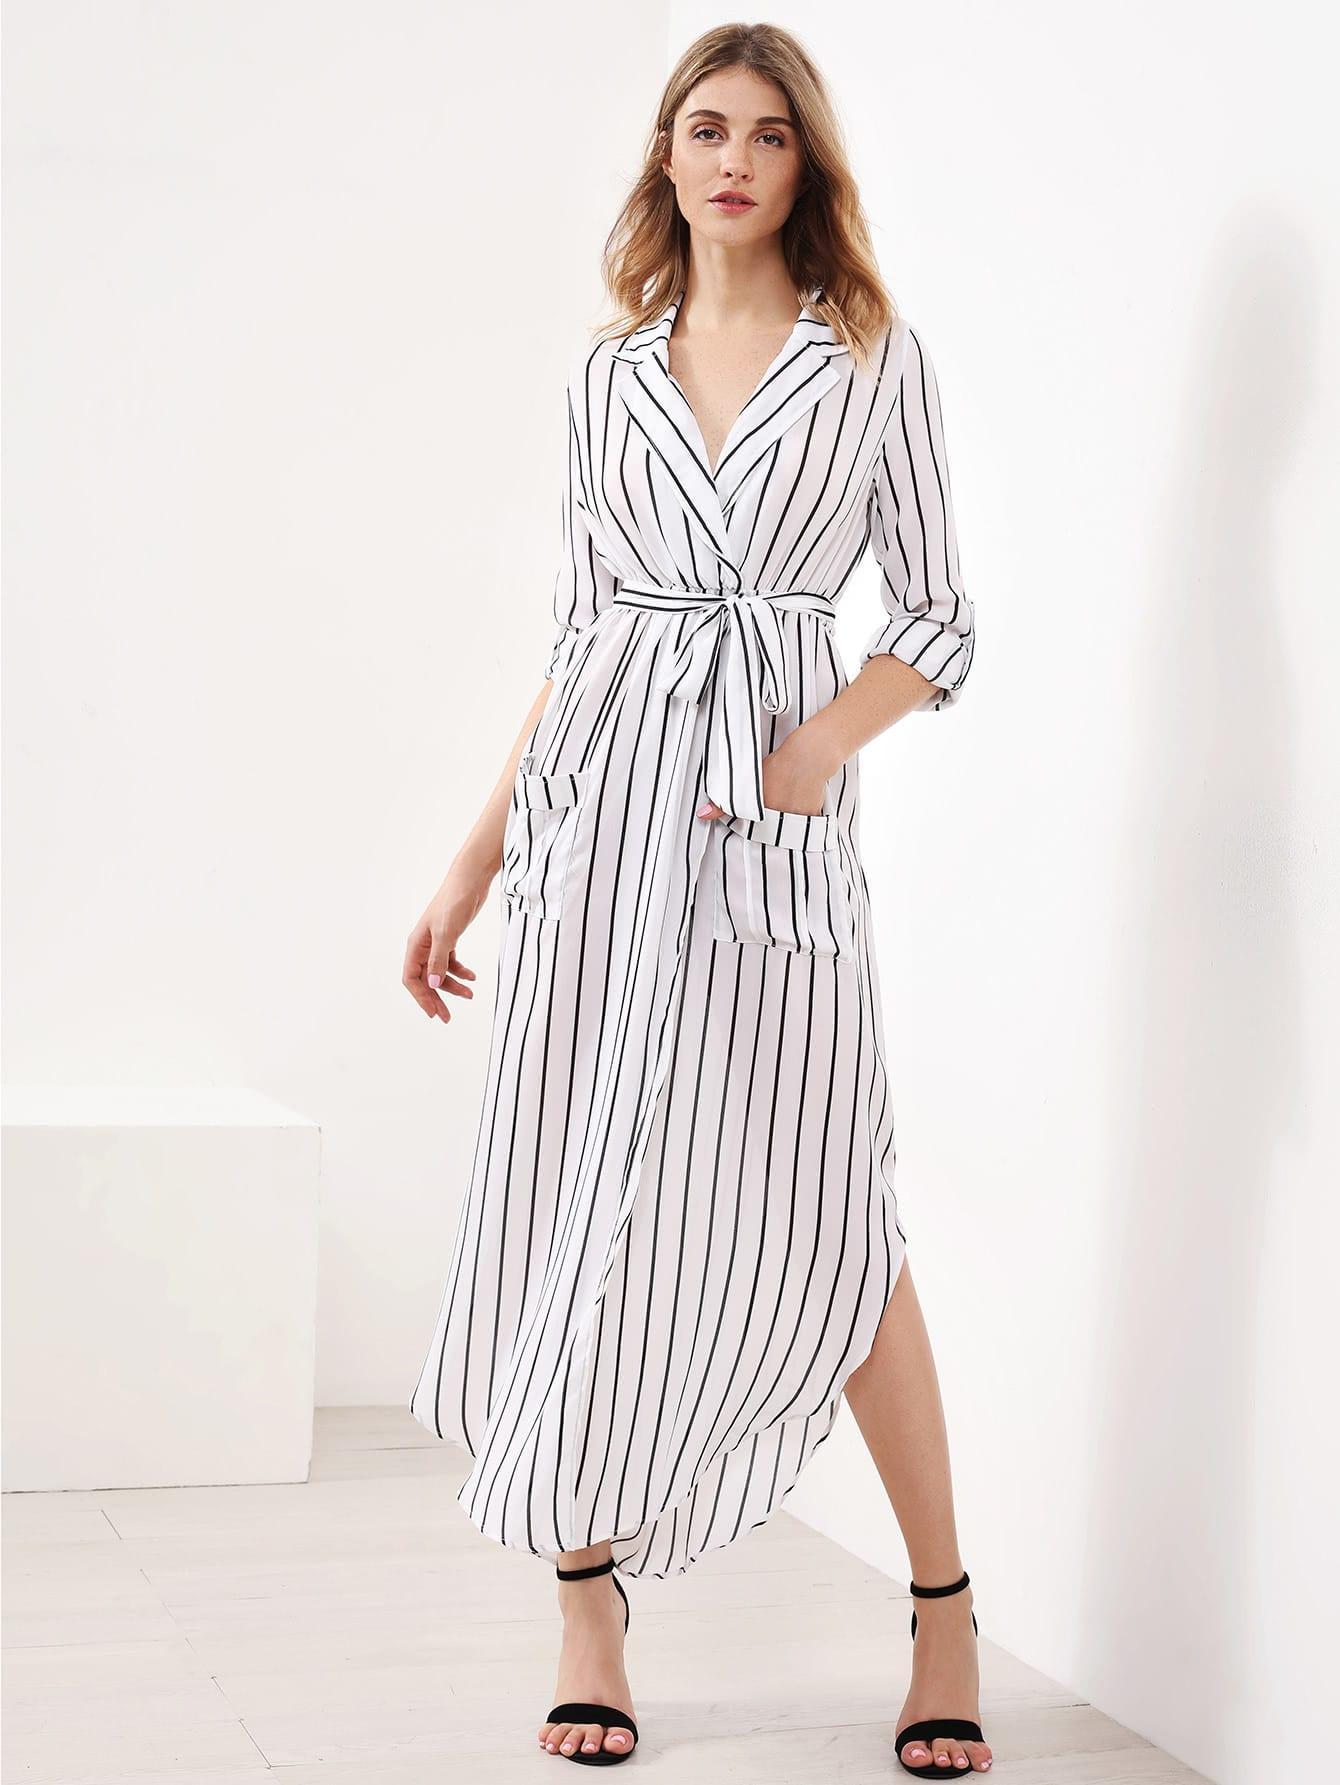 Vertical Striped Slit Side Curved Hem Shirt Dress dress170613112